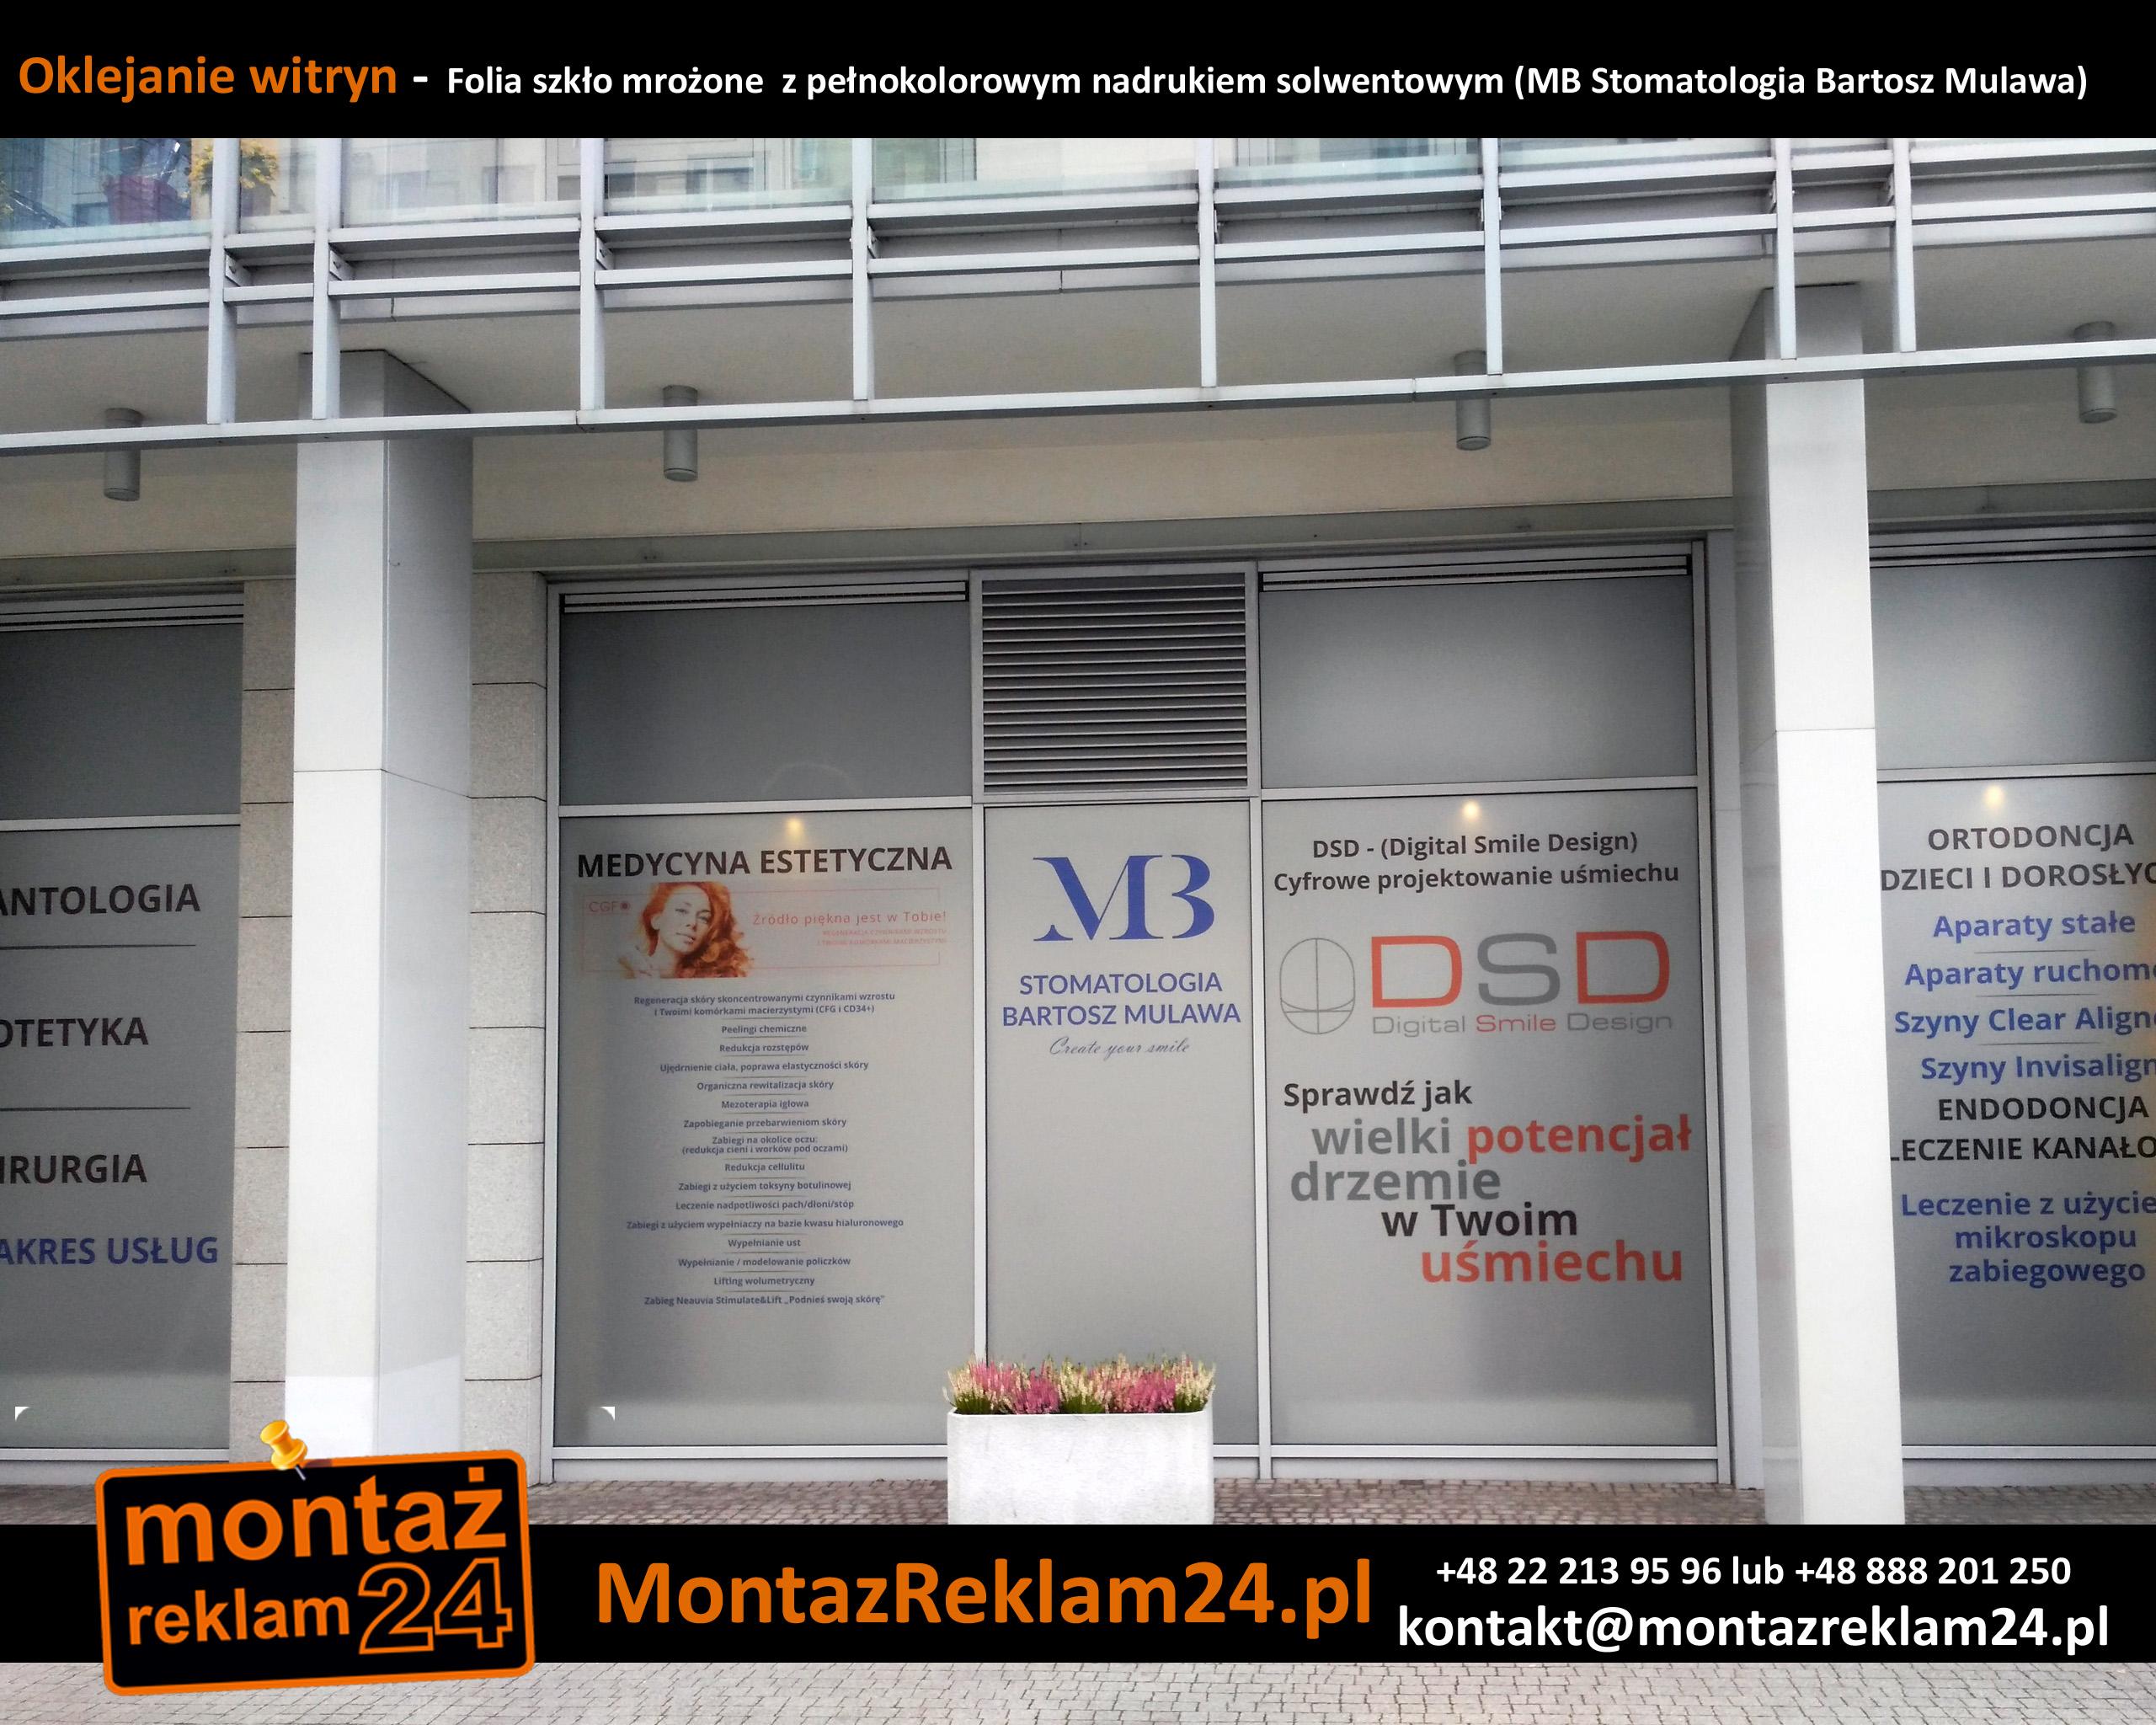 Oklejanie witryn -  Folia szkło mrożone  z pełnokolorowym nadrukiem solwentowym (MB Stomatologia Bartosz Mulawa).jpg